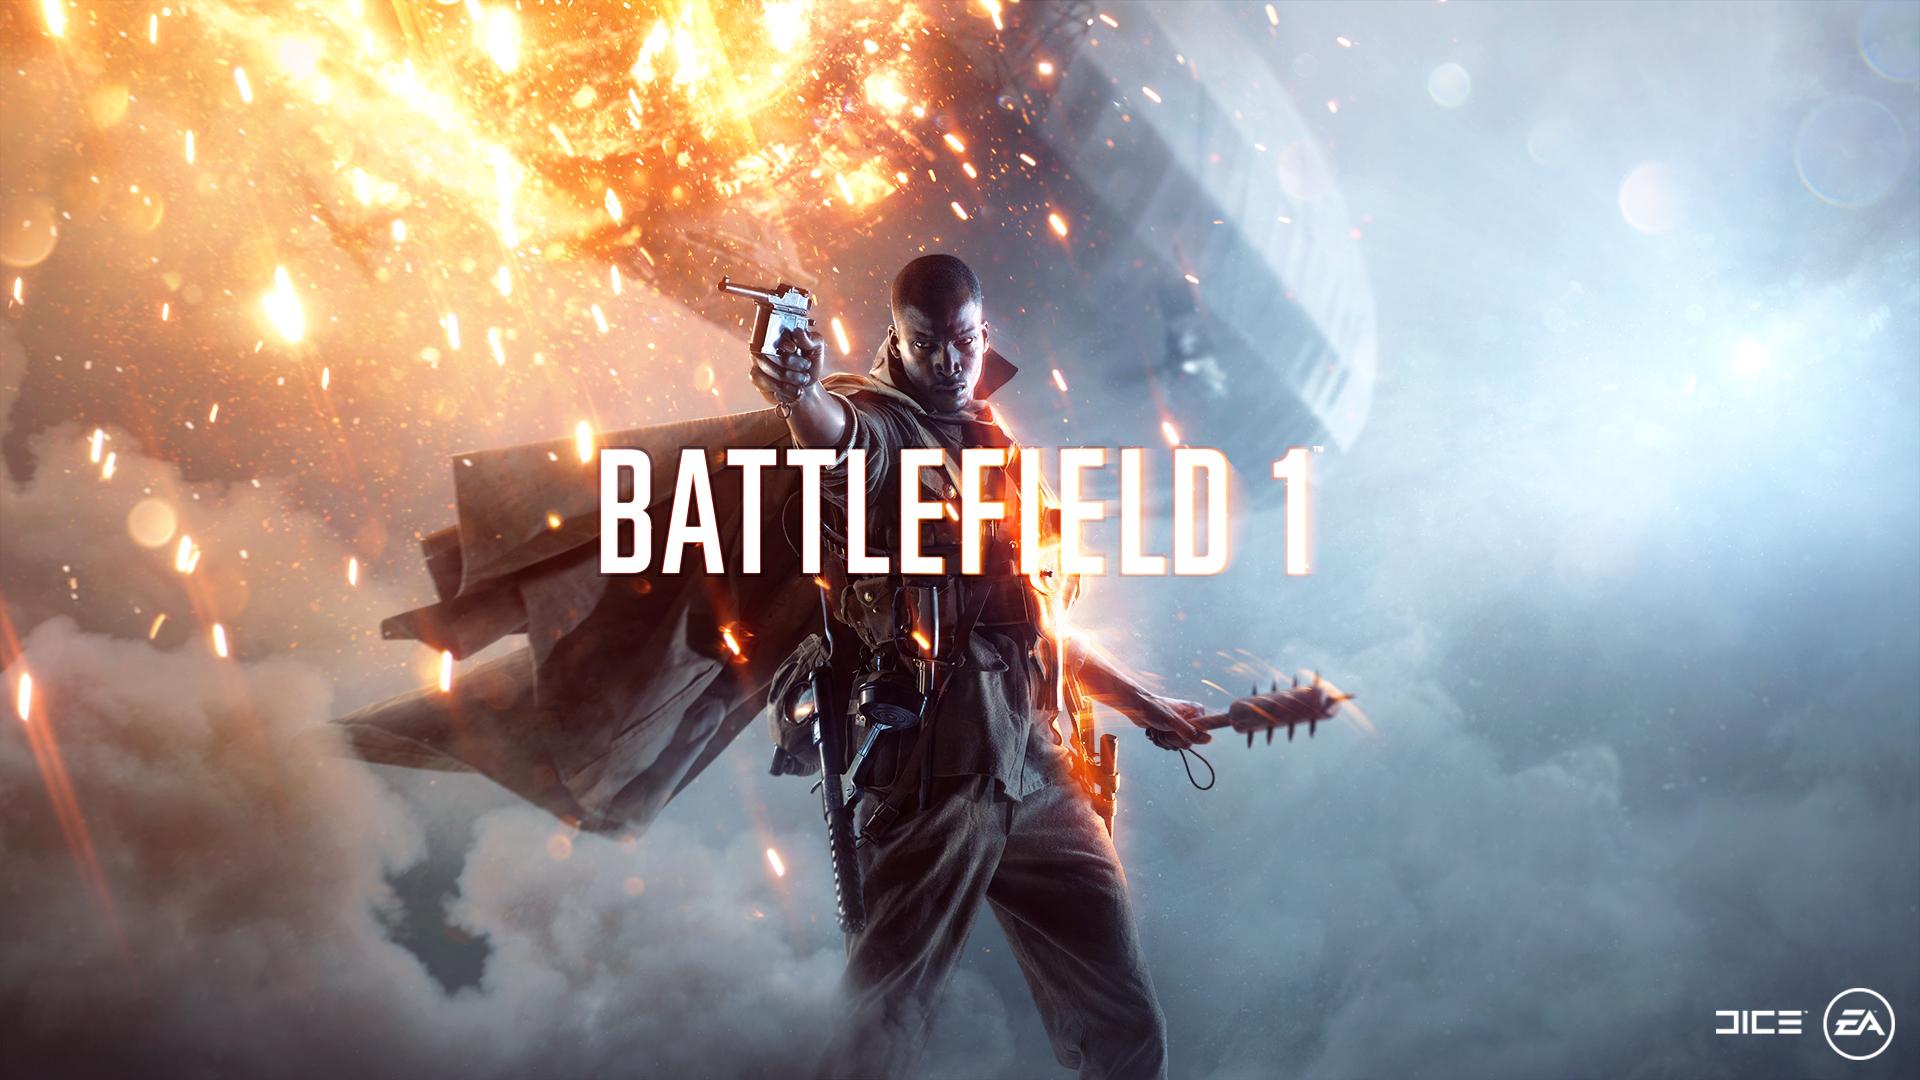 DICE skal snart begynne å teste ut spesialiseringer i Battlefield 1, sier de på Reddit.